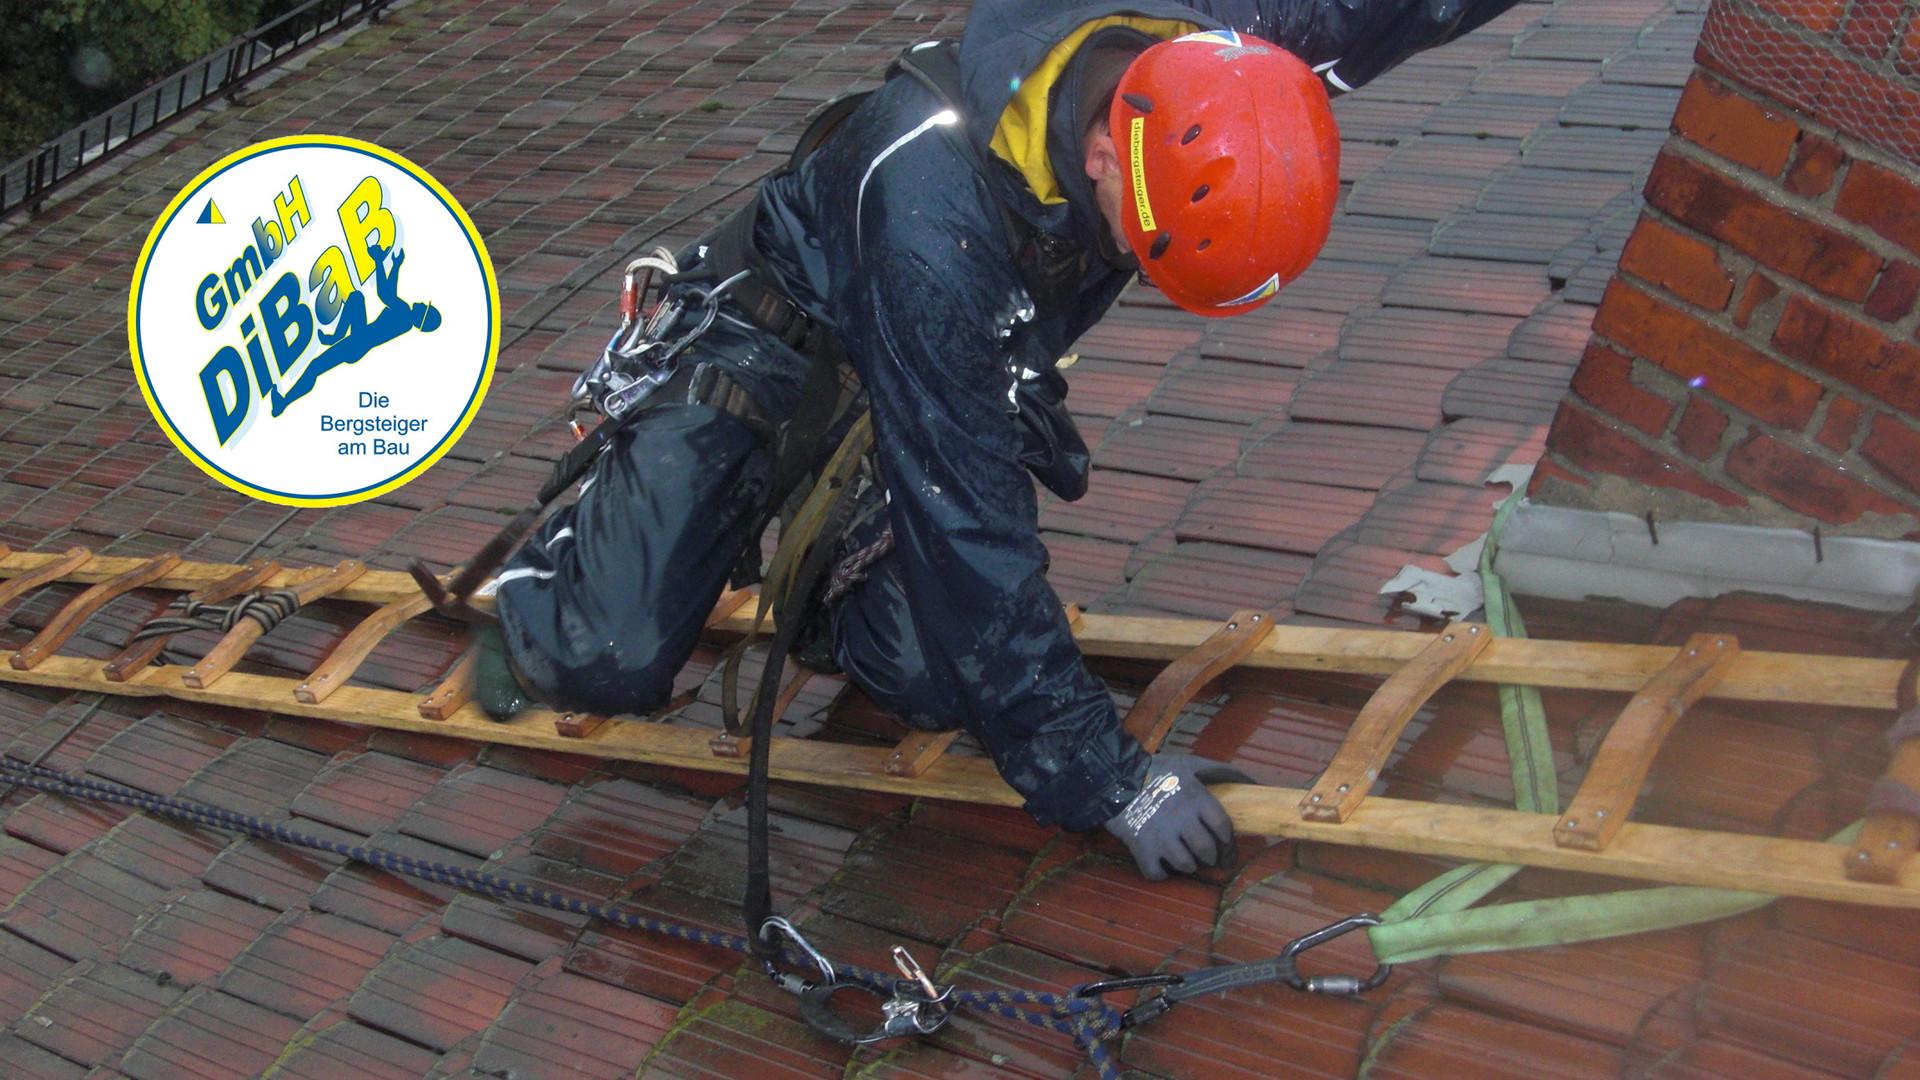 Dachschaden, Dachdecker, Dachsteiger, Bergsteiger, Industriekletterer, Dresden, Dachreparatur, Dacharbeit, Dachrinnenreinigung, Dachkletterer, Freital, Radebeul